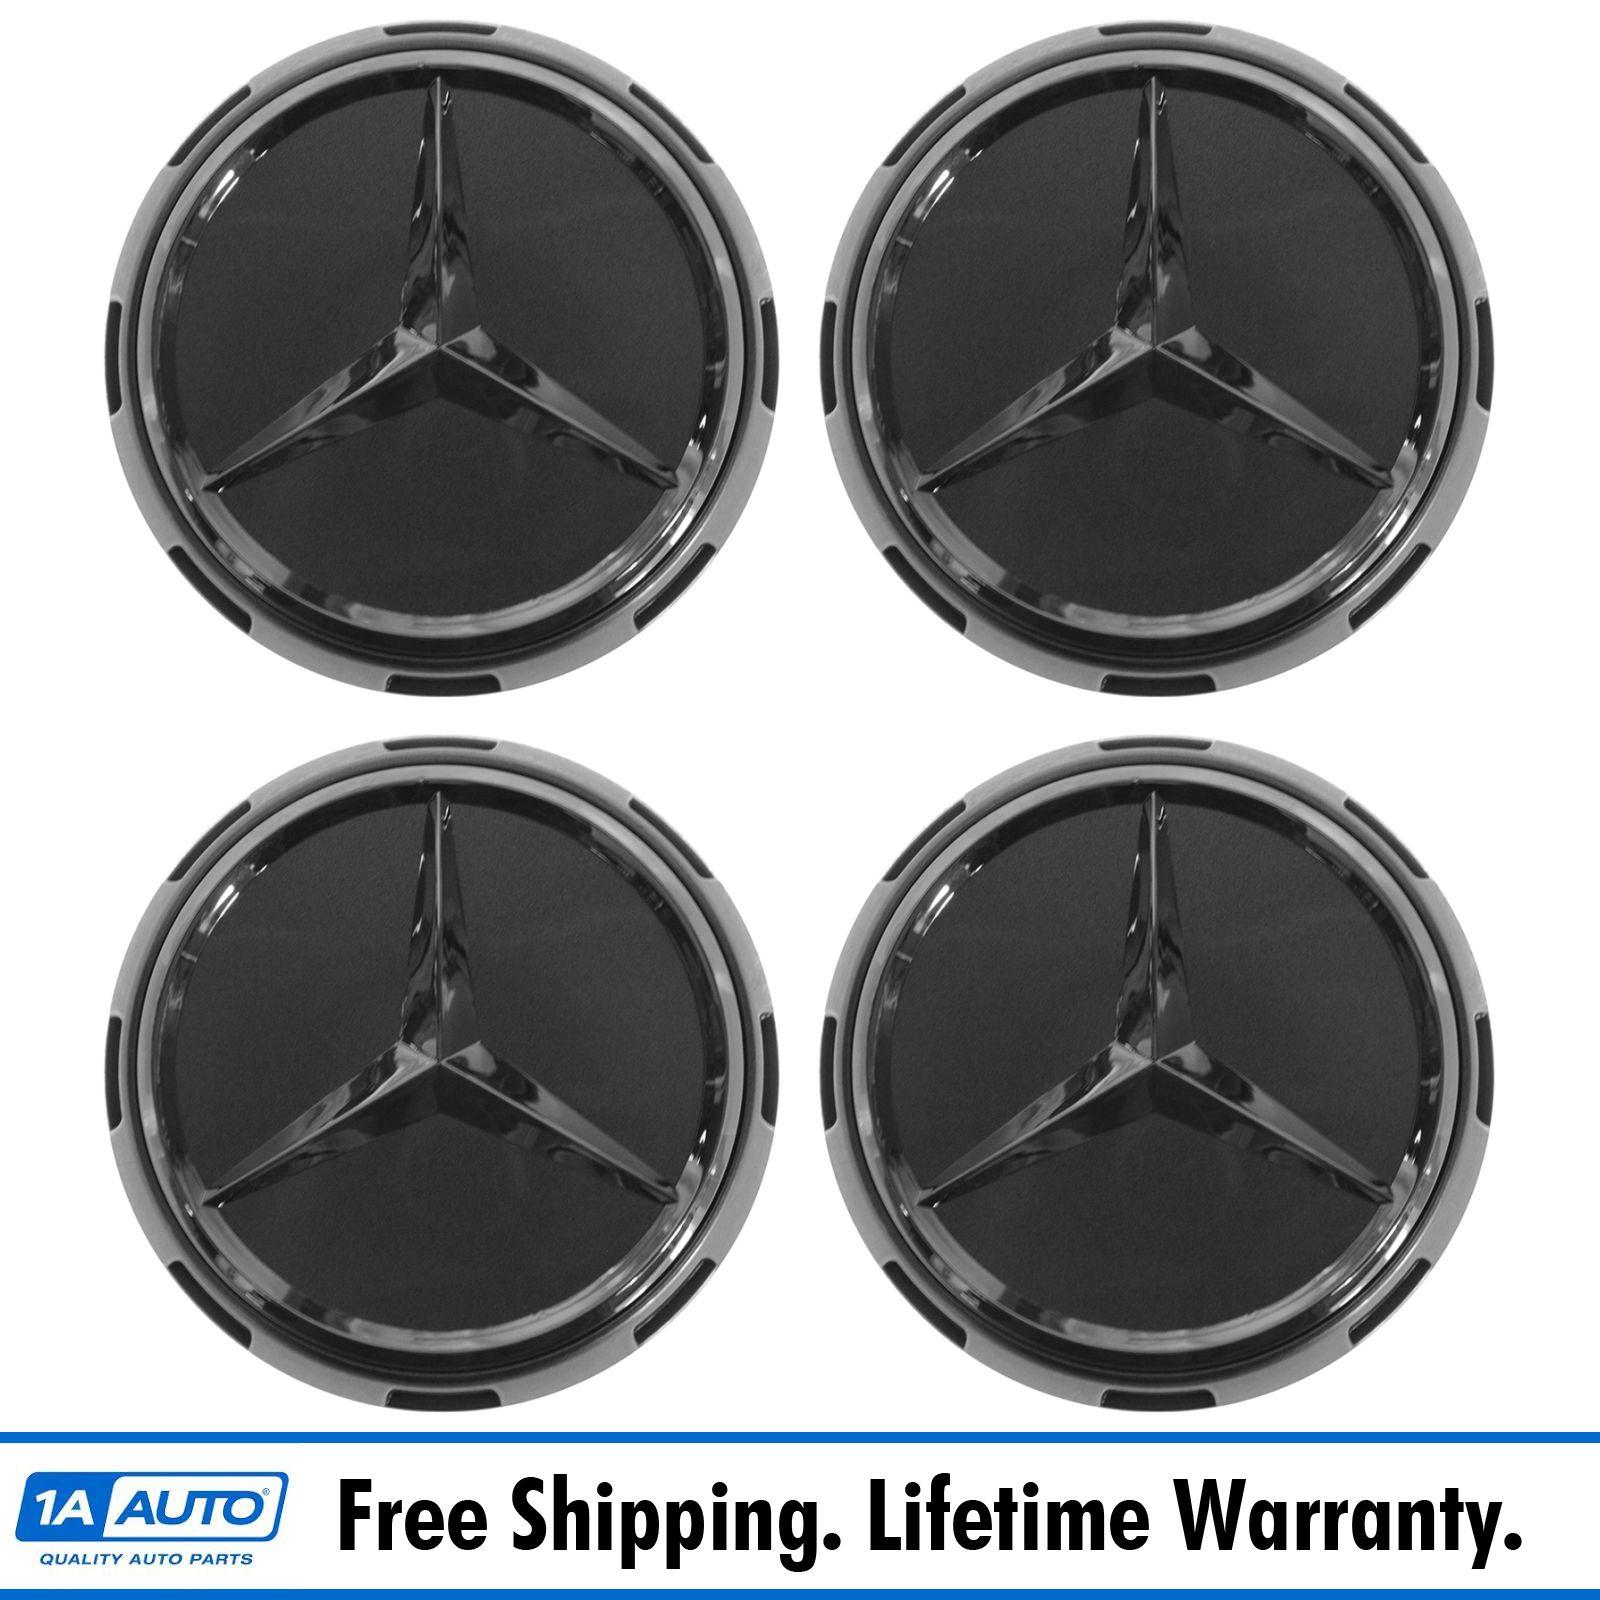 Oem center cap raised logo gray chrome set of 4 for for Mercedes benz center cap